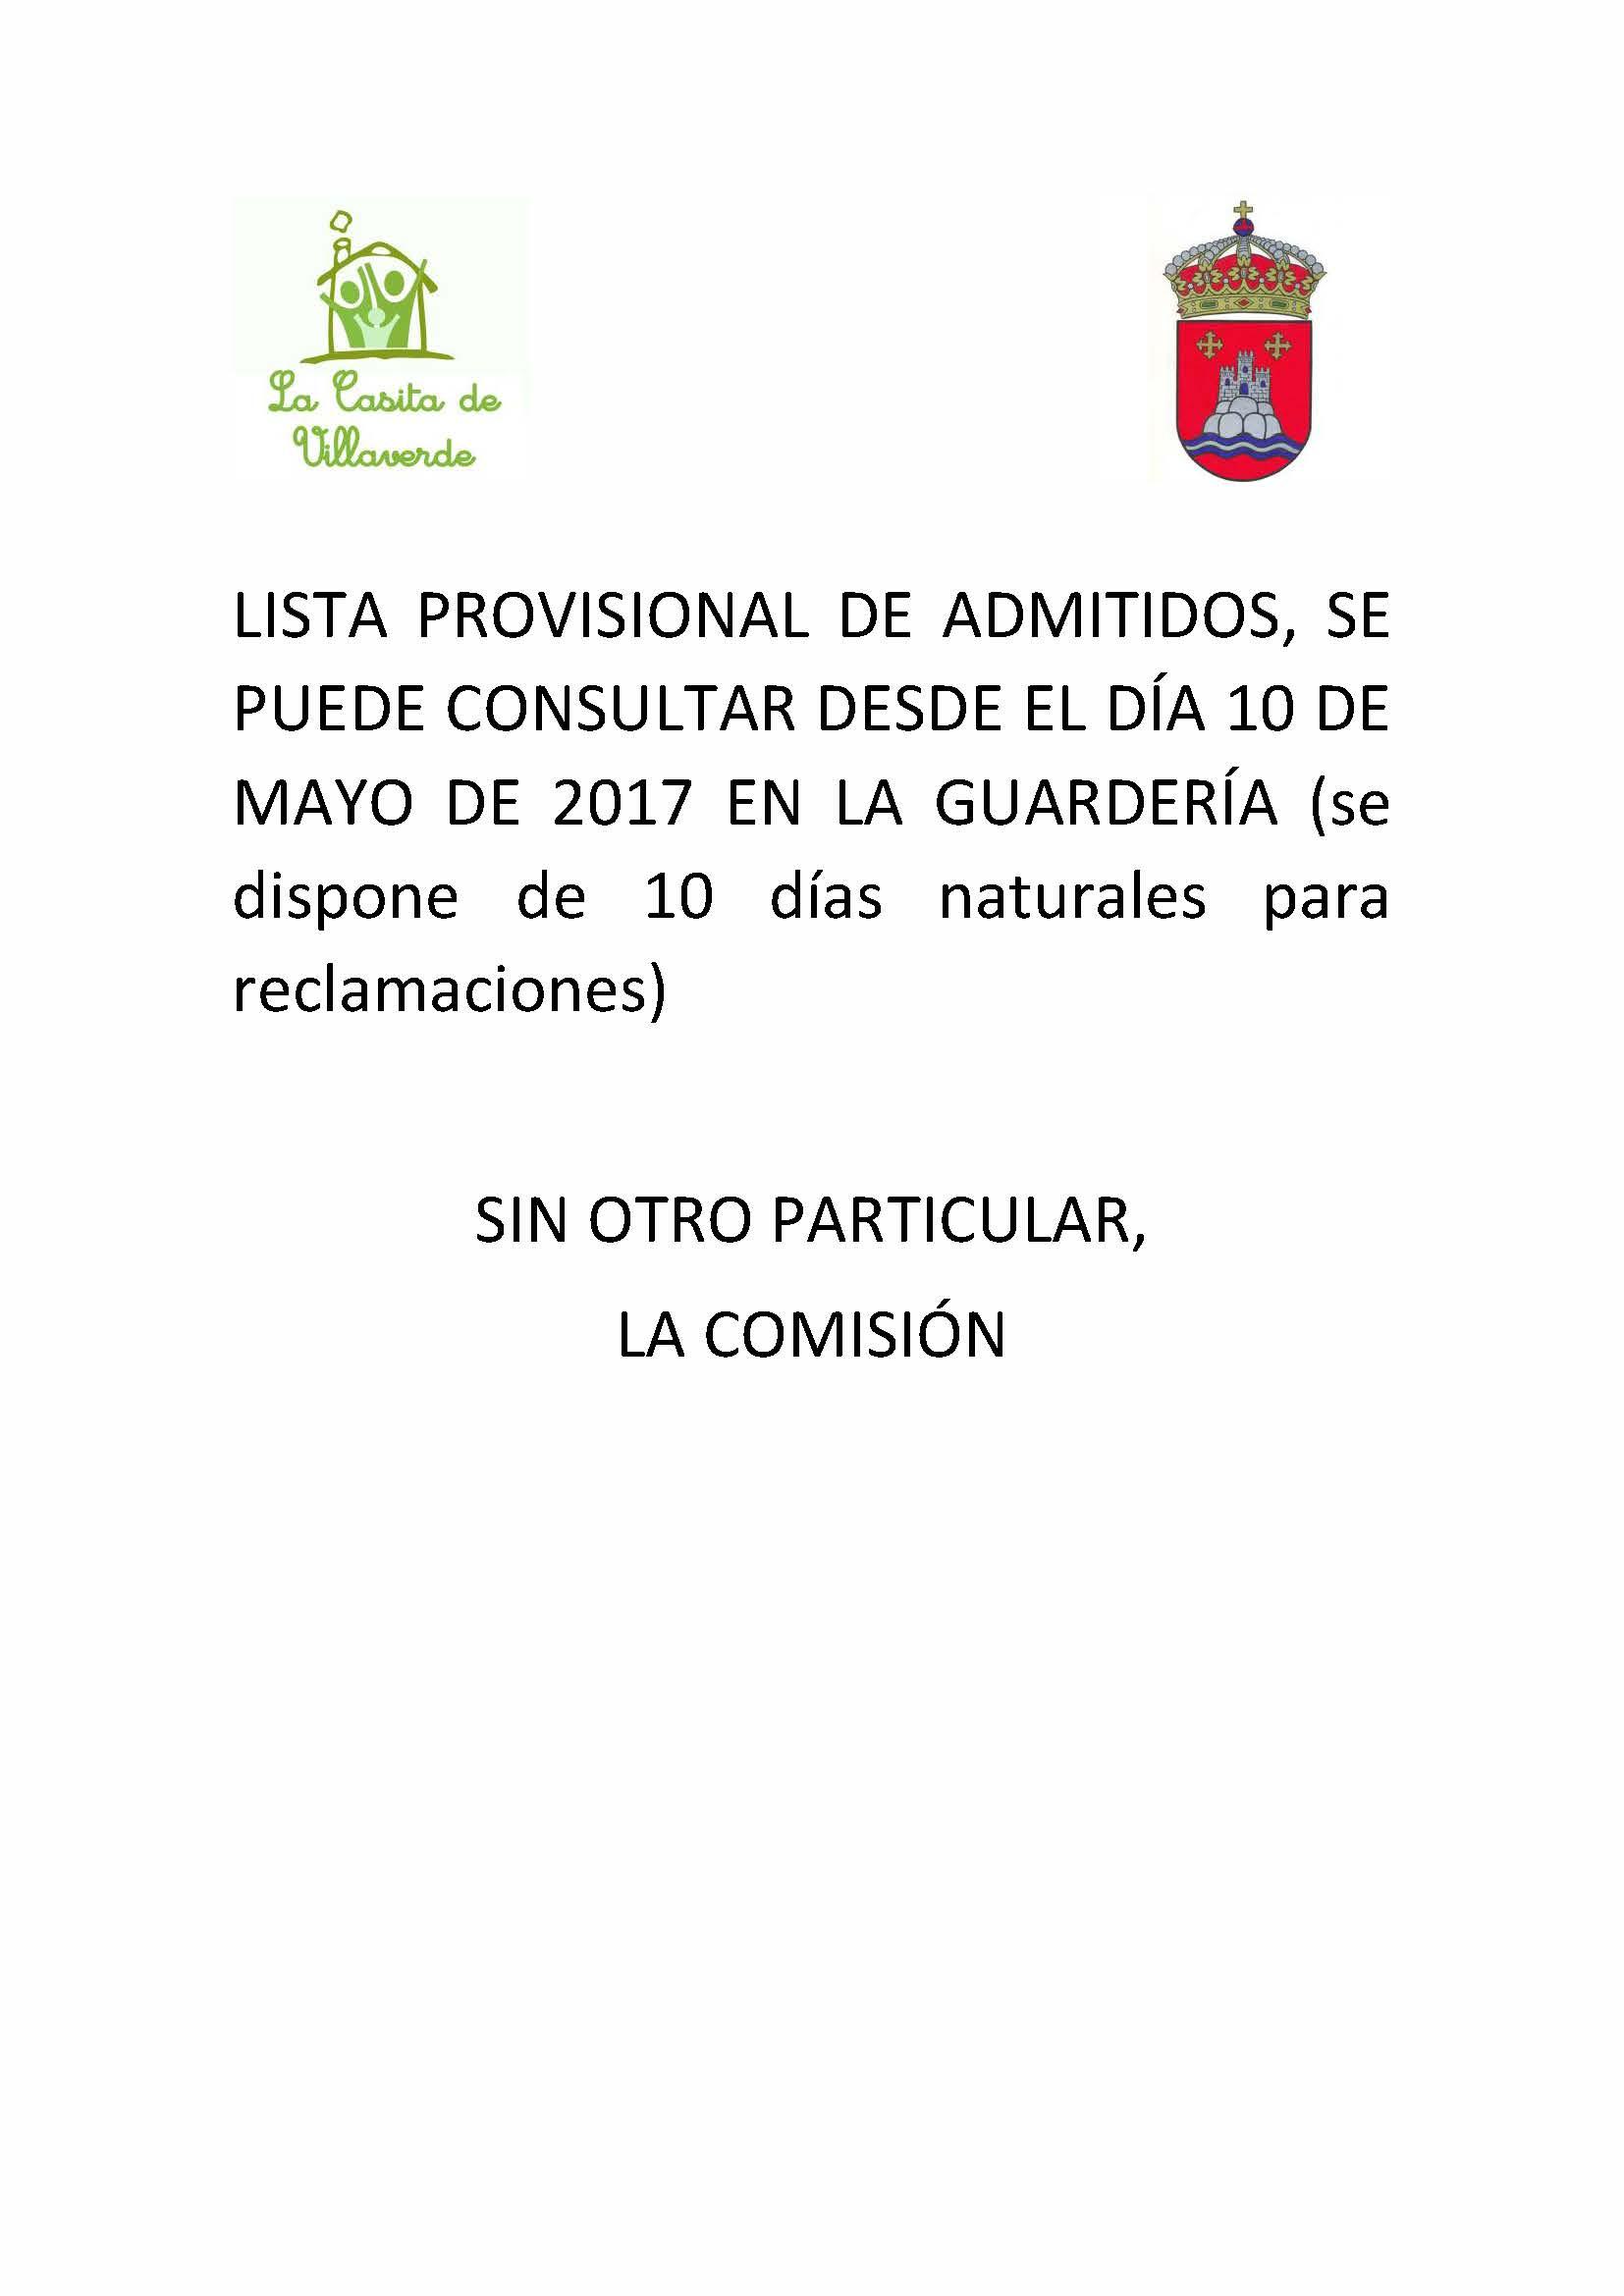 Lista provisional de admitidos en la guardería municipal